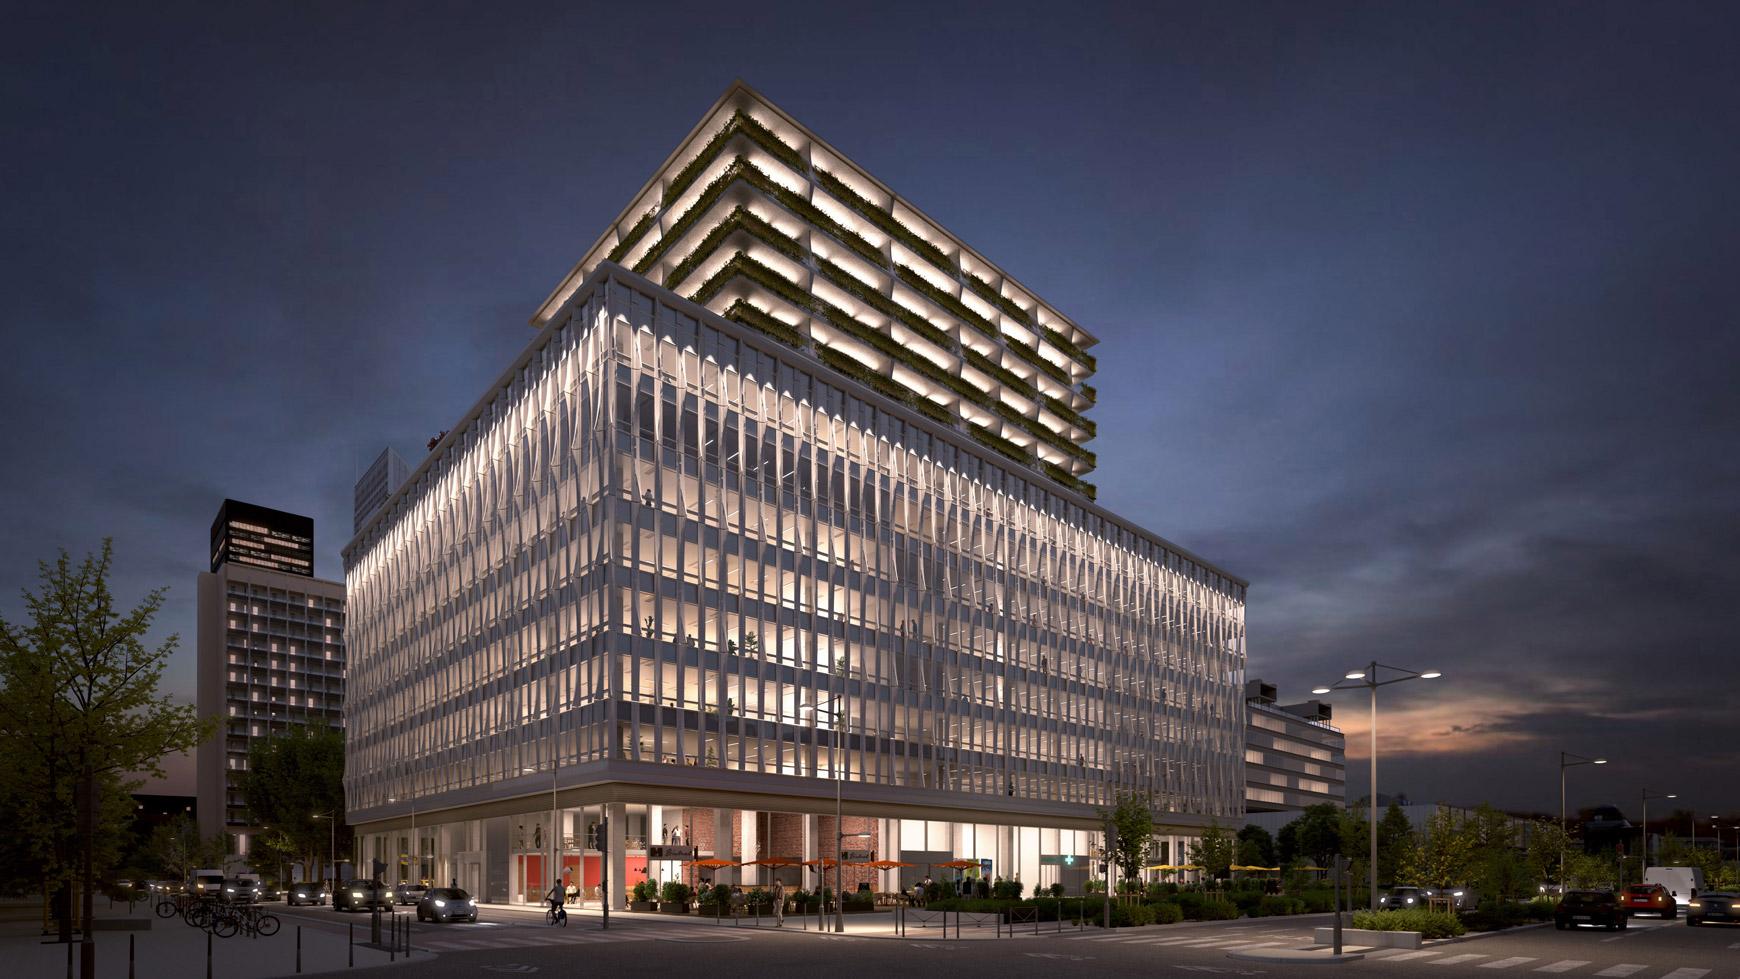 Bâtiment de bureaux, de logements et de commerces à Lyon Part-Dieu, certifié BREEAM EXCELLENT + NF HABITAT HQE + HQE BATIMENT, réalisé par le pôle Tertiaire de l'agence d'architecture SOHO ATLAS IN FINE LYON. Perspective, vue depuis la rue, de nuit.